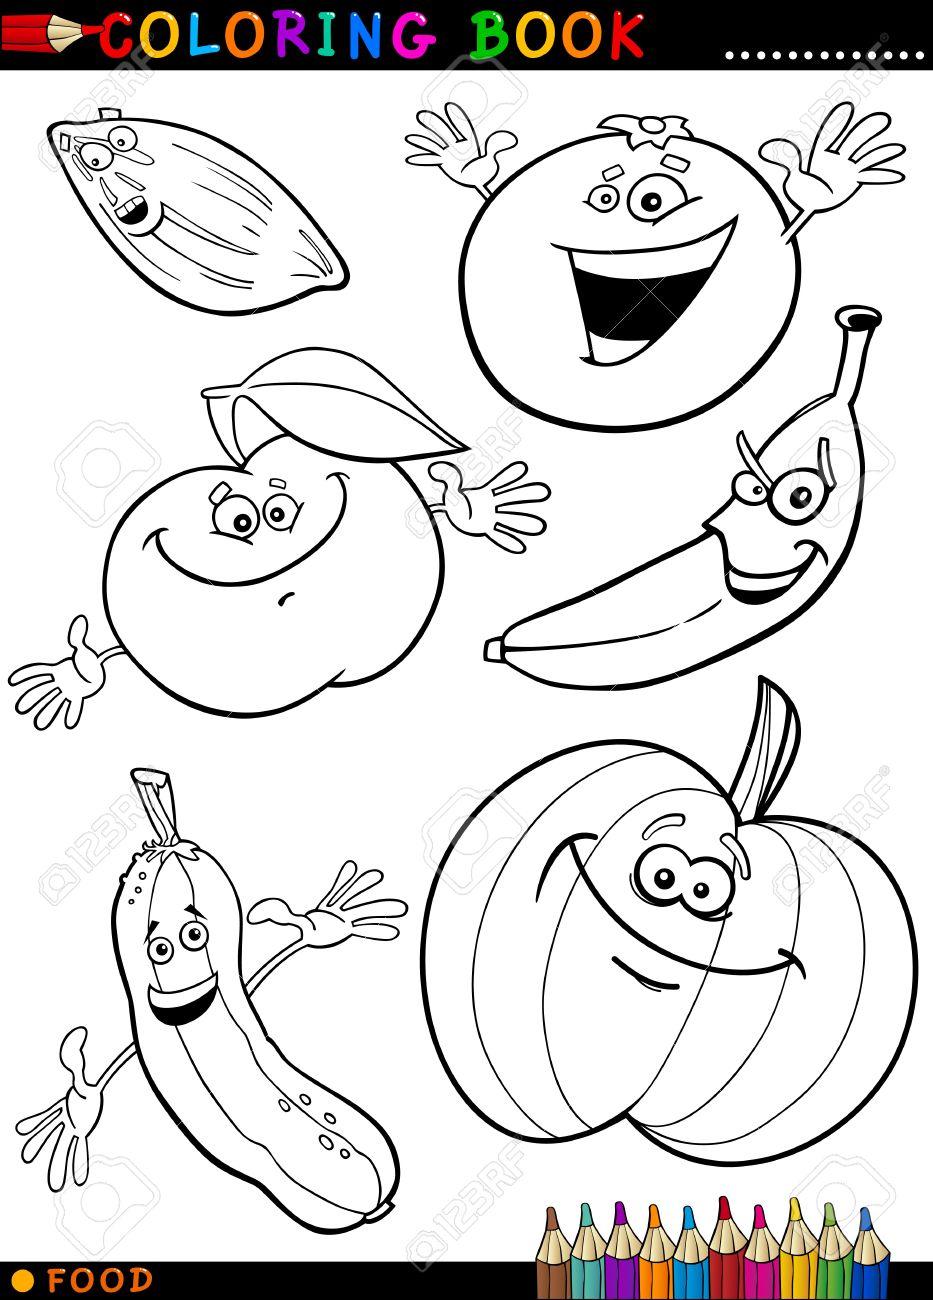 子供の教育のための文字の果物や野菜の塗り絵や面白い食べ物のページ漫画